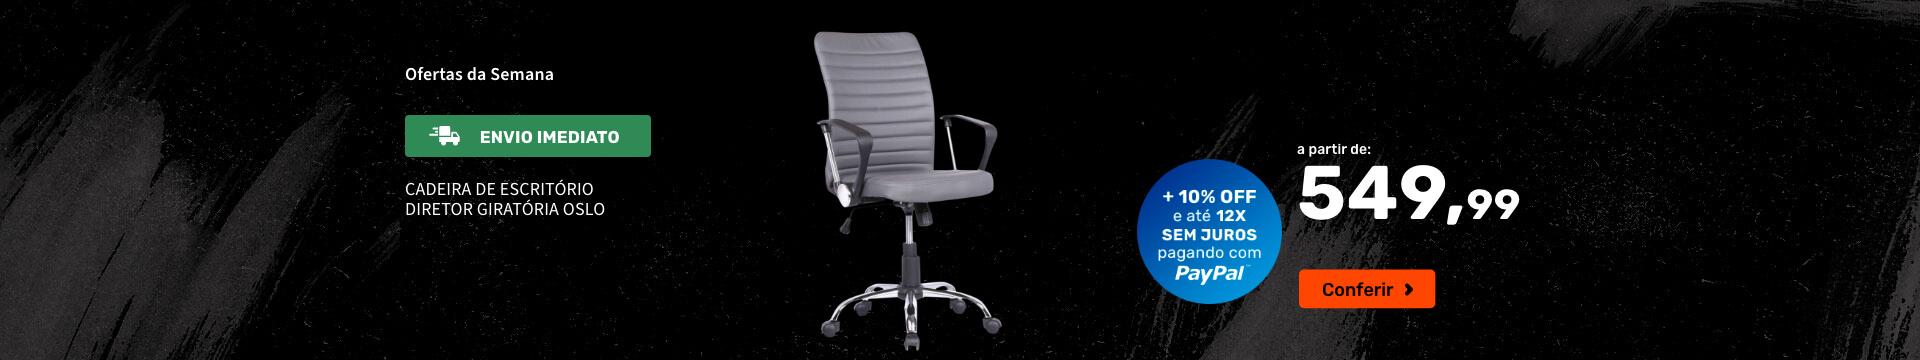 Cadeira de Escritório Diretor Giratória Oslo - Ofertas especiais